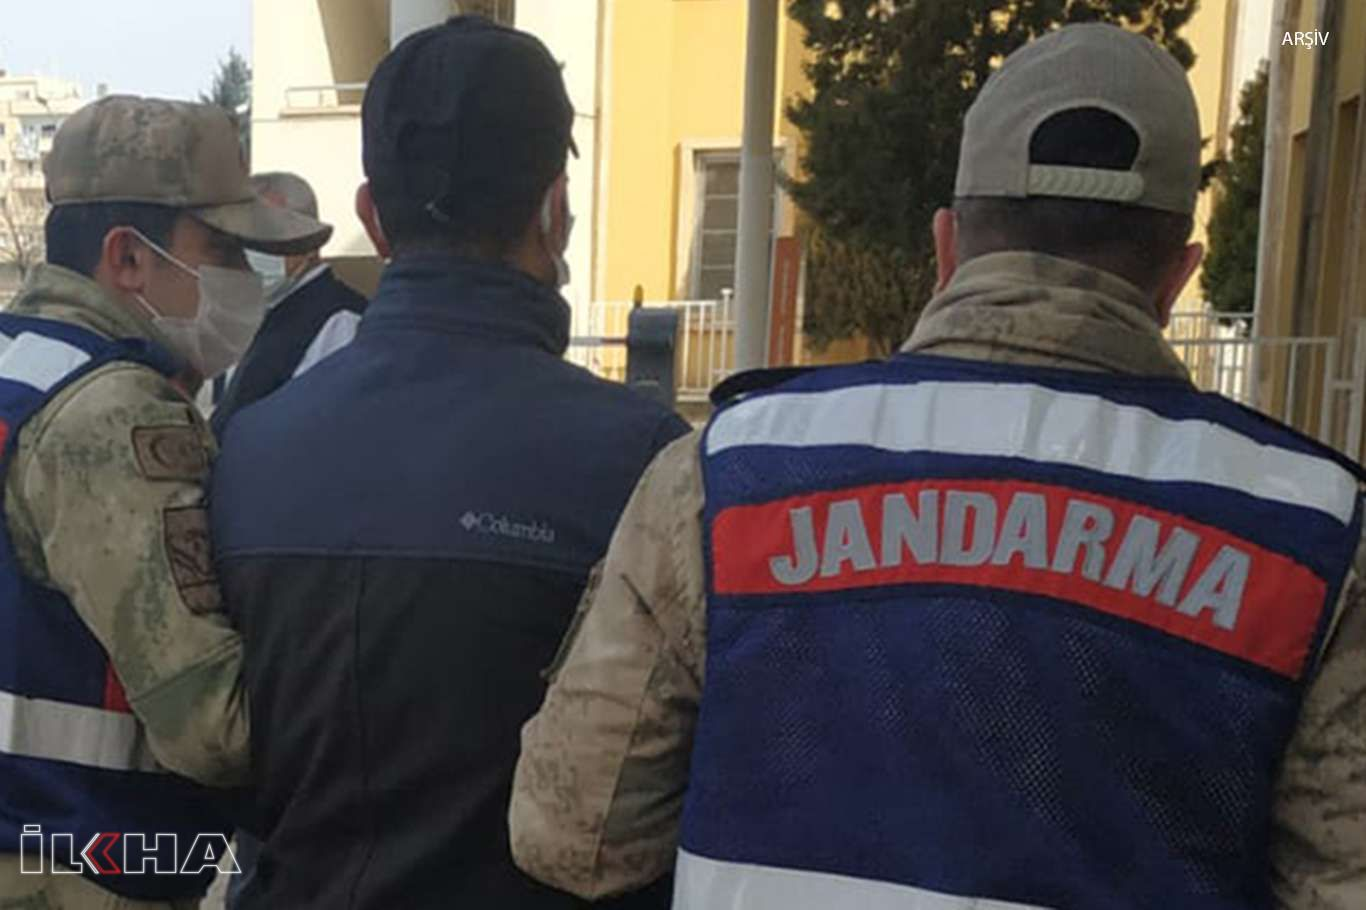 Mardin'de 4 yıl kesinleşmiş hapis cezası bulunan hükümlü yakalandı